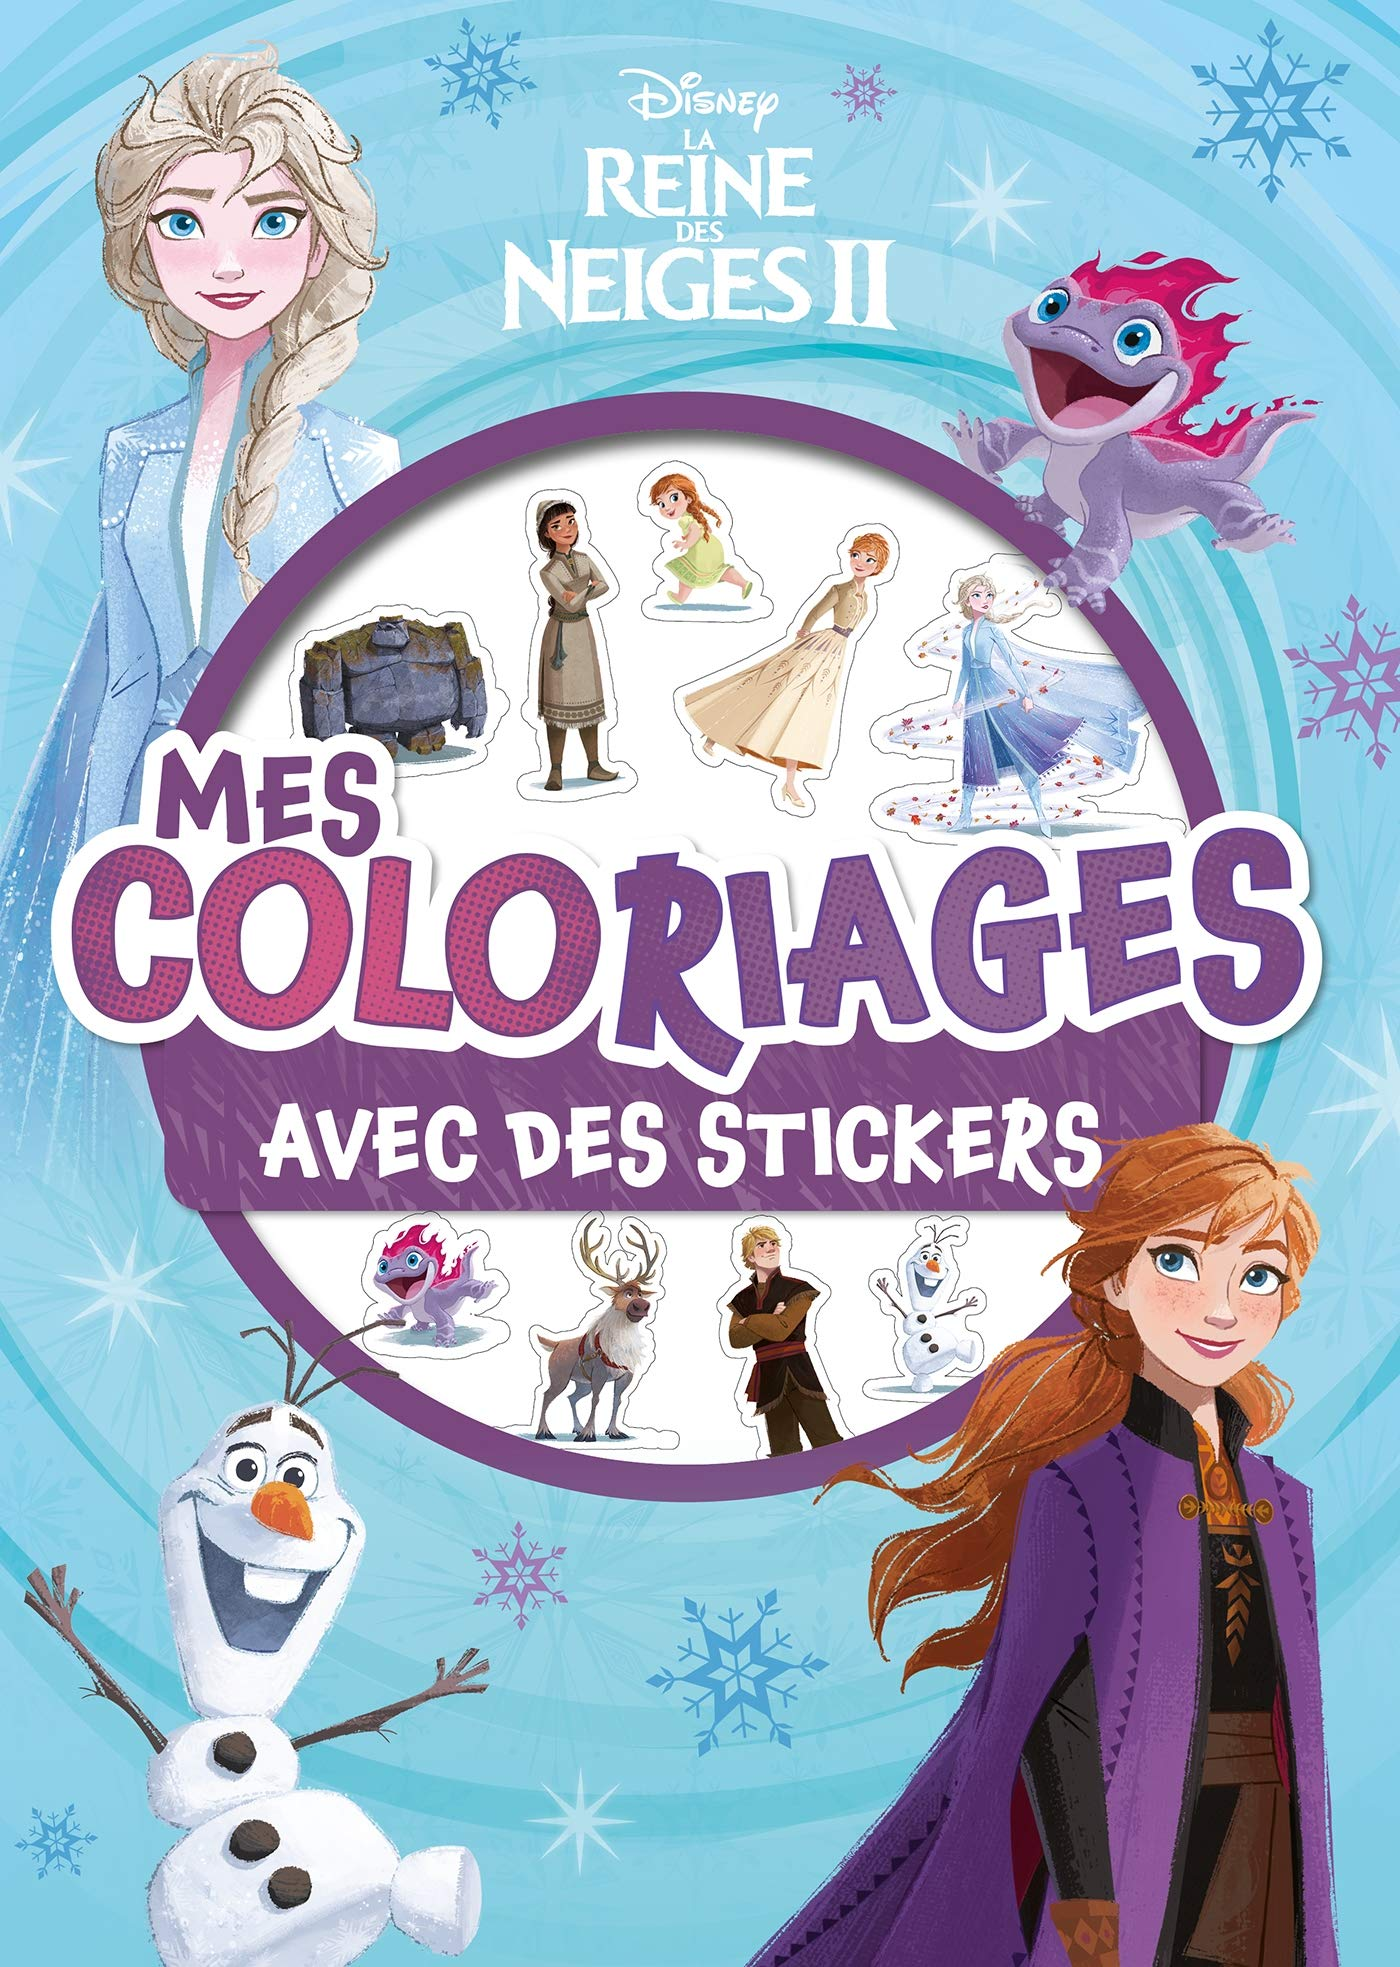 La Reine Des Neiges 2 Mes Coloriages Avec Stickers Disney Amazon Fr Disney Livres